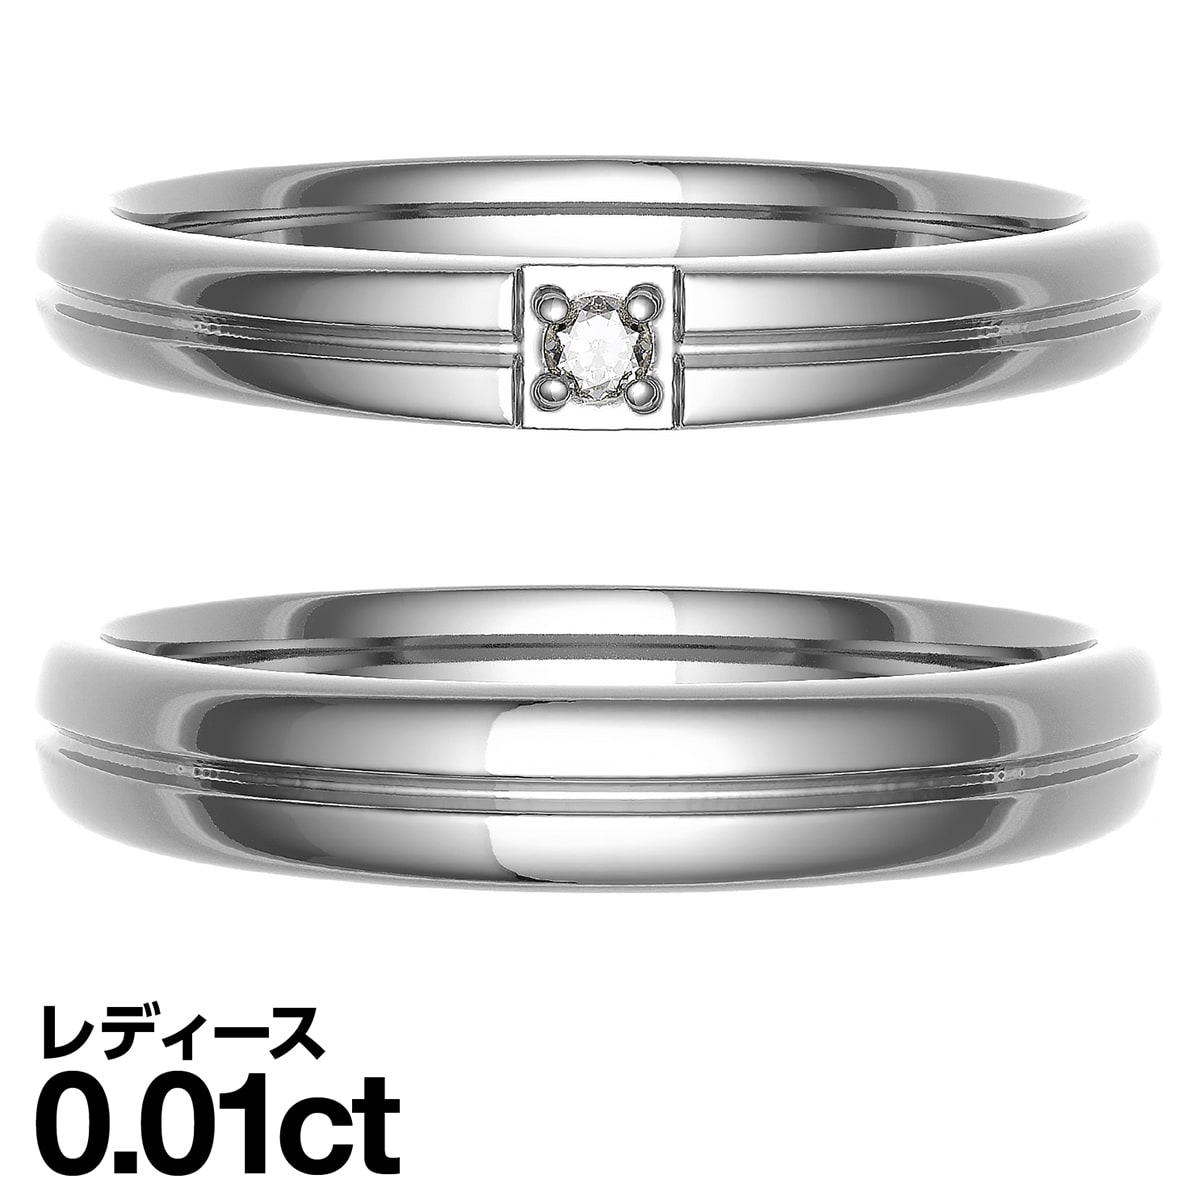 結婚指輪 18金 k18 18k 出荷 女性 20代 30代 40代 50代 60代 マリッジリング イエローゴールド 日本製 金属アレルギー ホワイトゴールド smtb-s 品質保証書 ピンクゴールド ホワイトデー ダイヤモンド プレゼント 2本セット スピード対応 全国送料無料 ギフト 天然ダイヤ